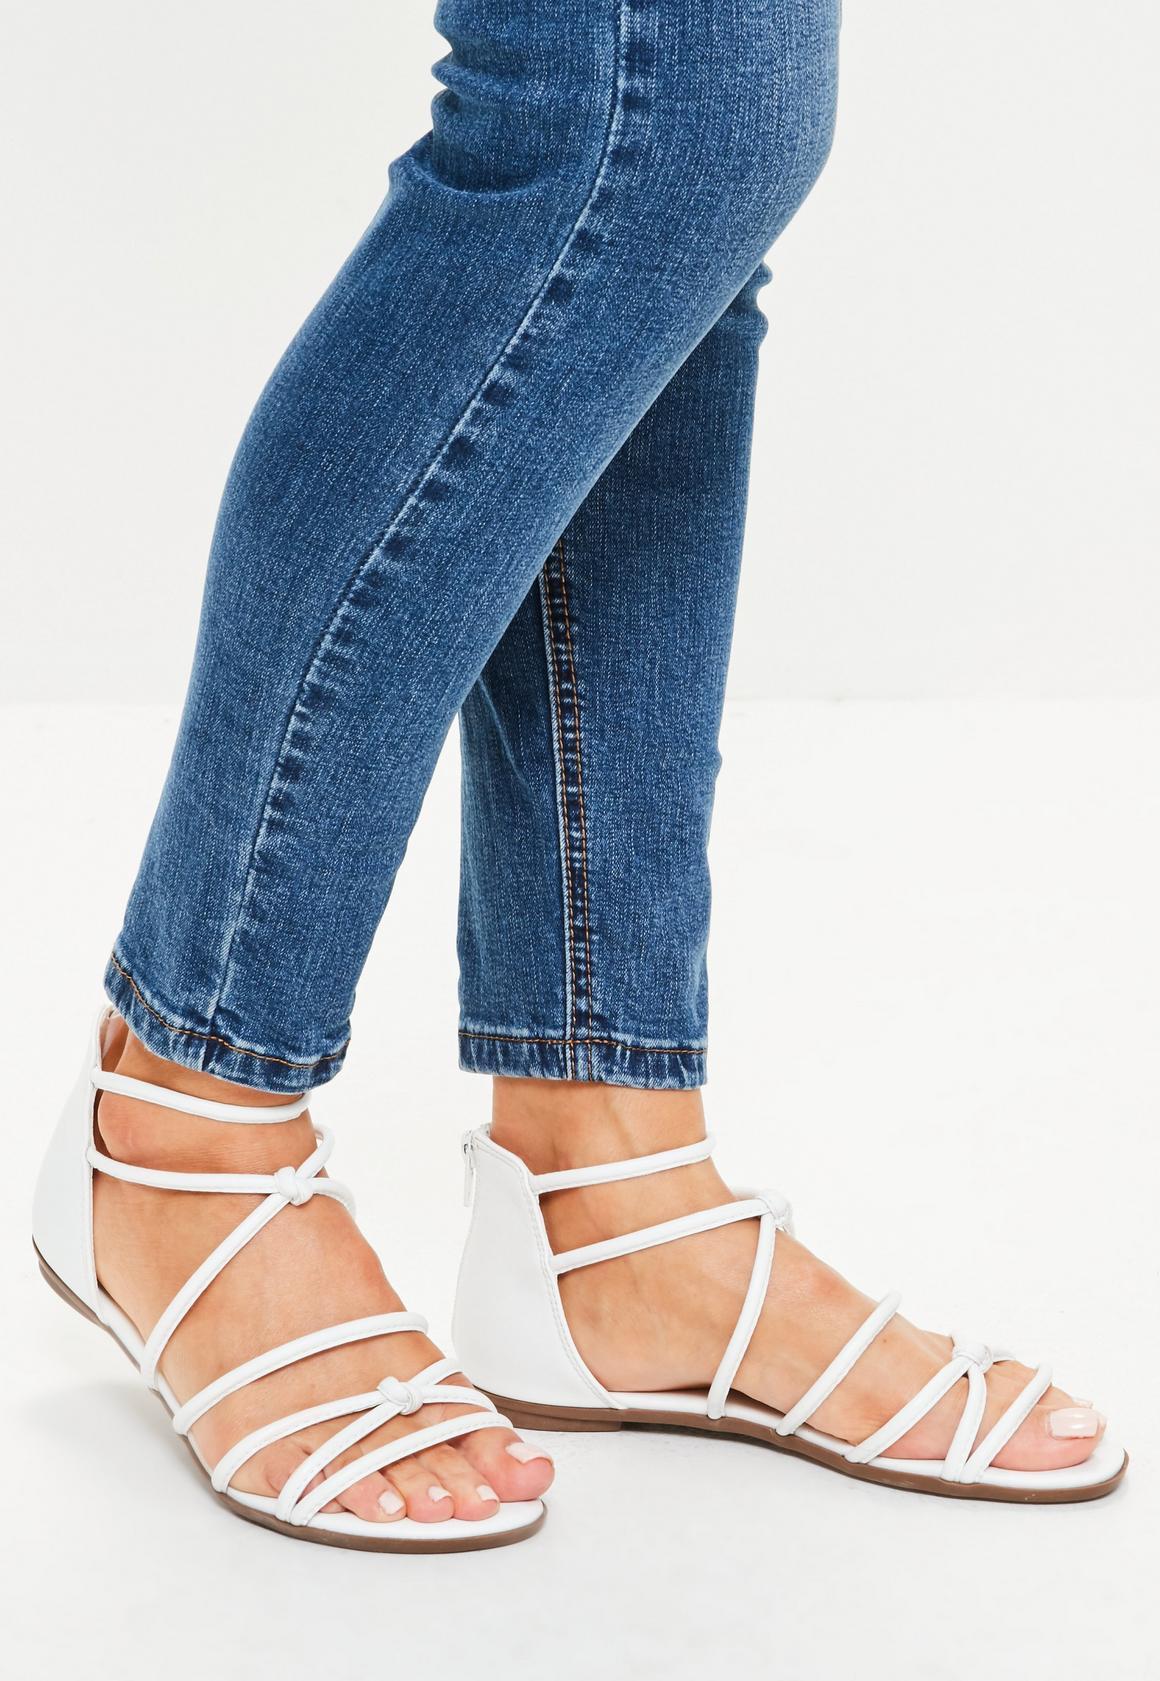 White sandals - White Tubular Strap Sandals